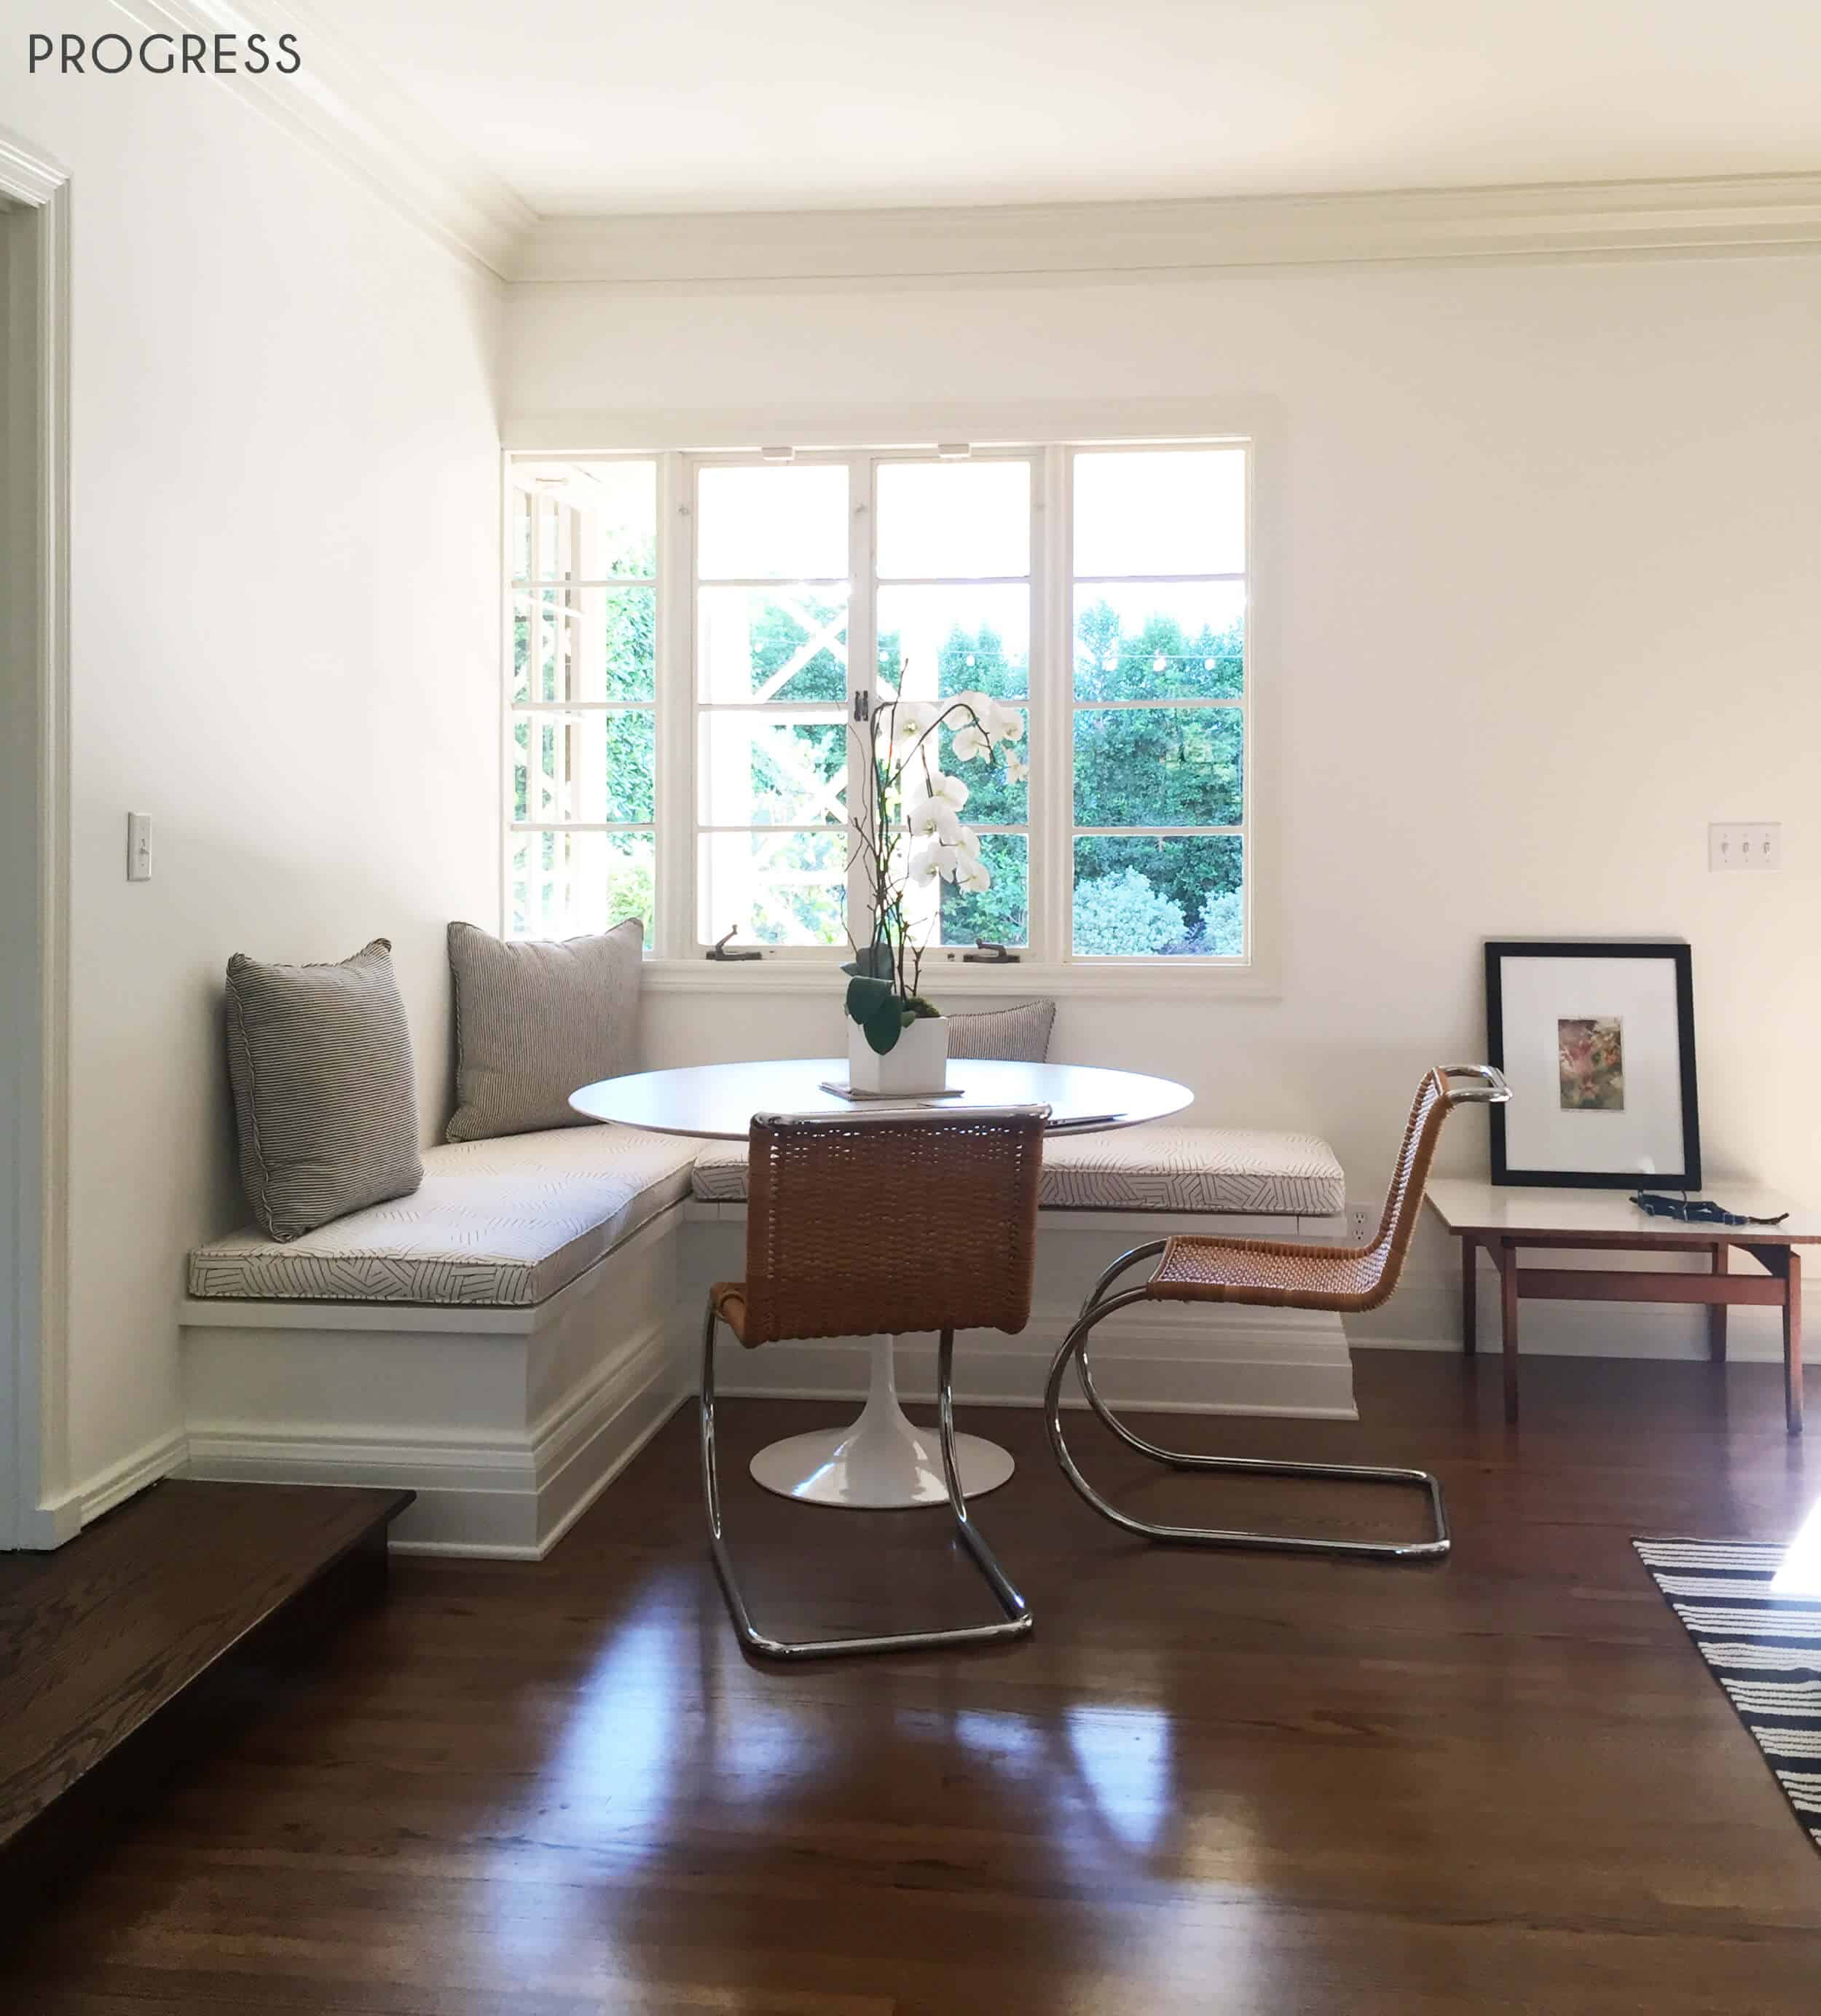 Emily Henderson_Full Design_Sunroom_Introduction_Progress_2